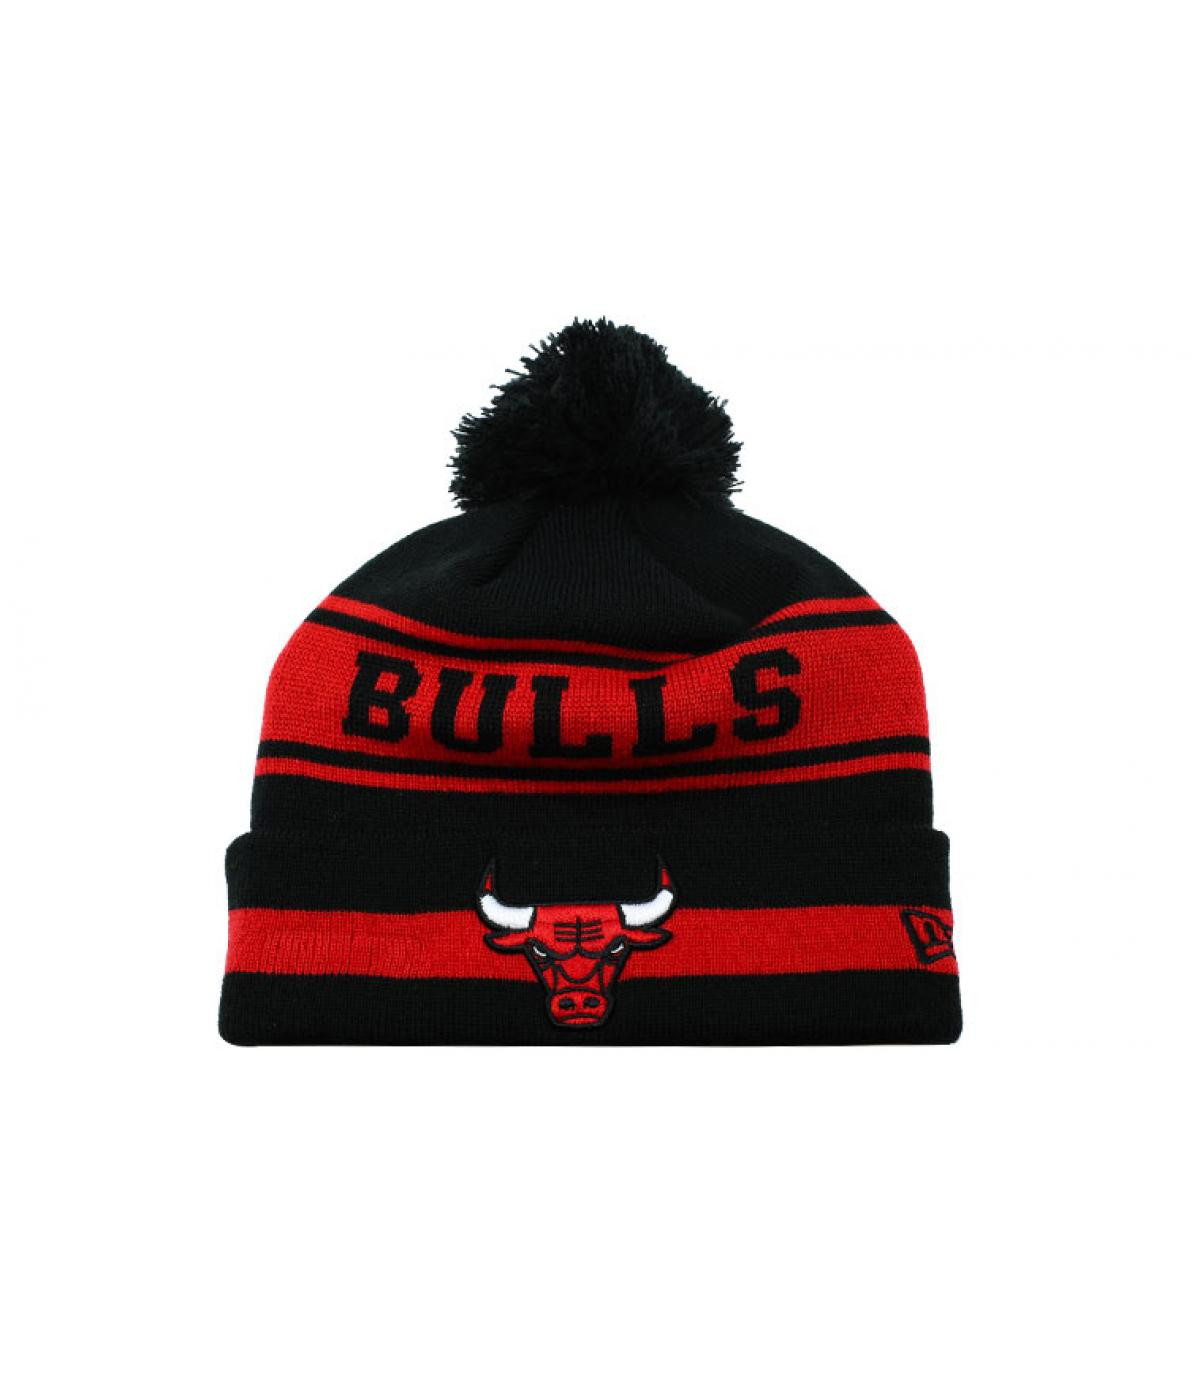 bonnet Bulls noir rouge